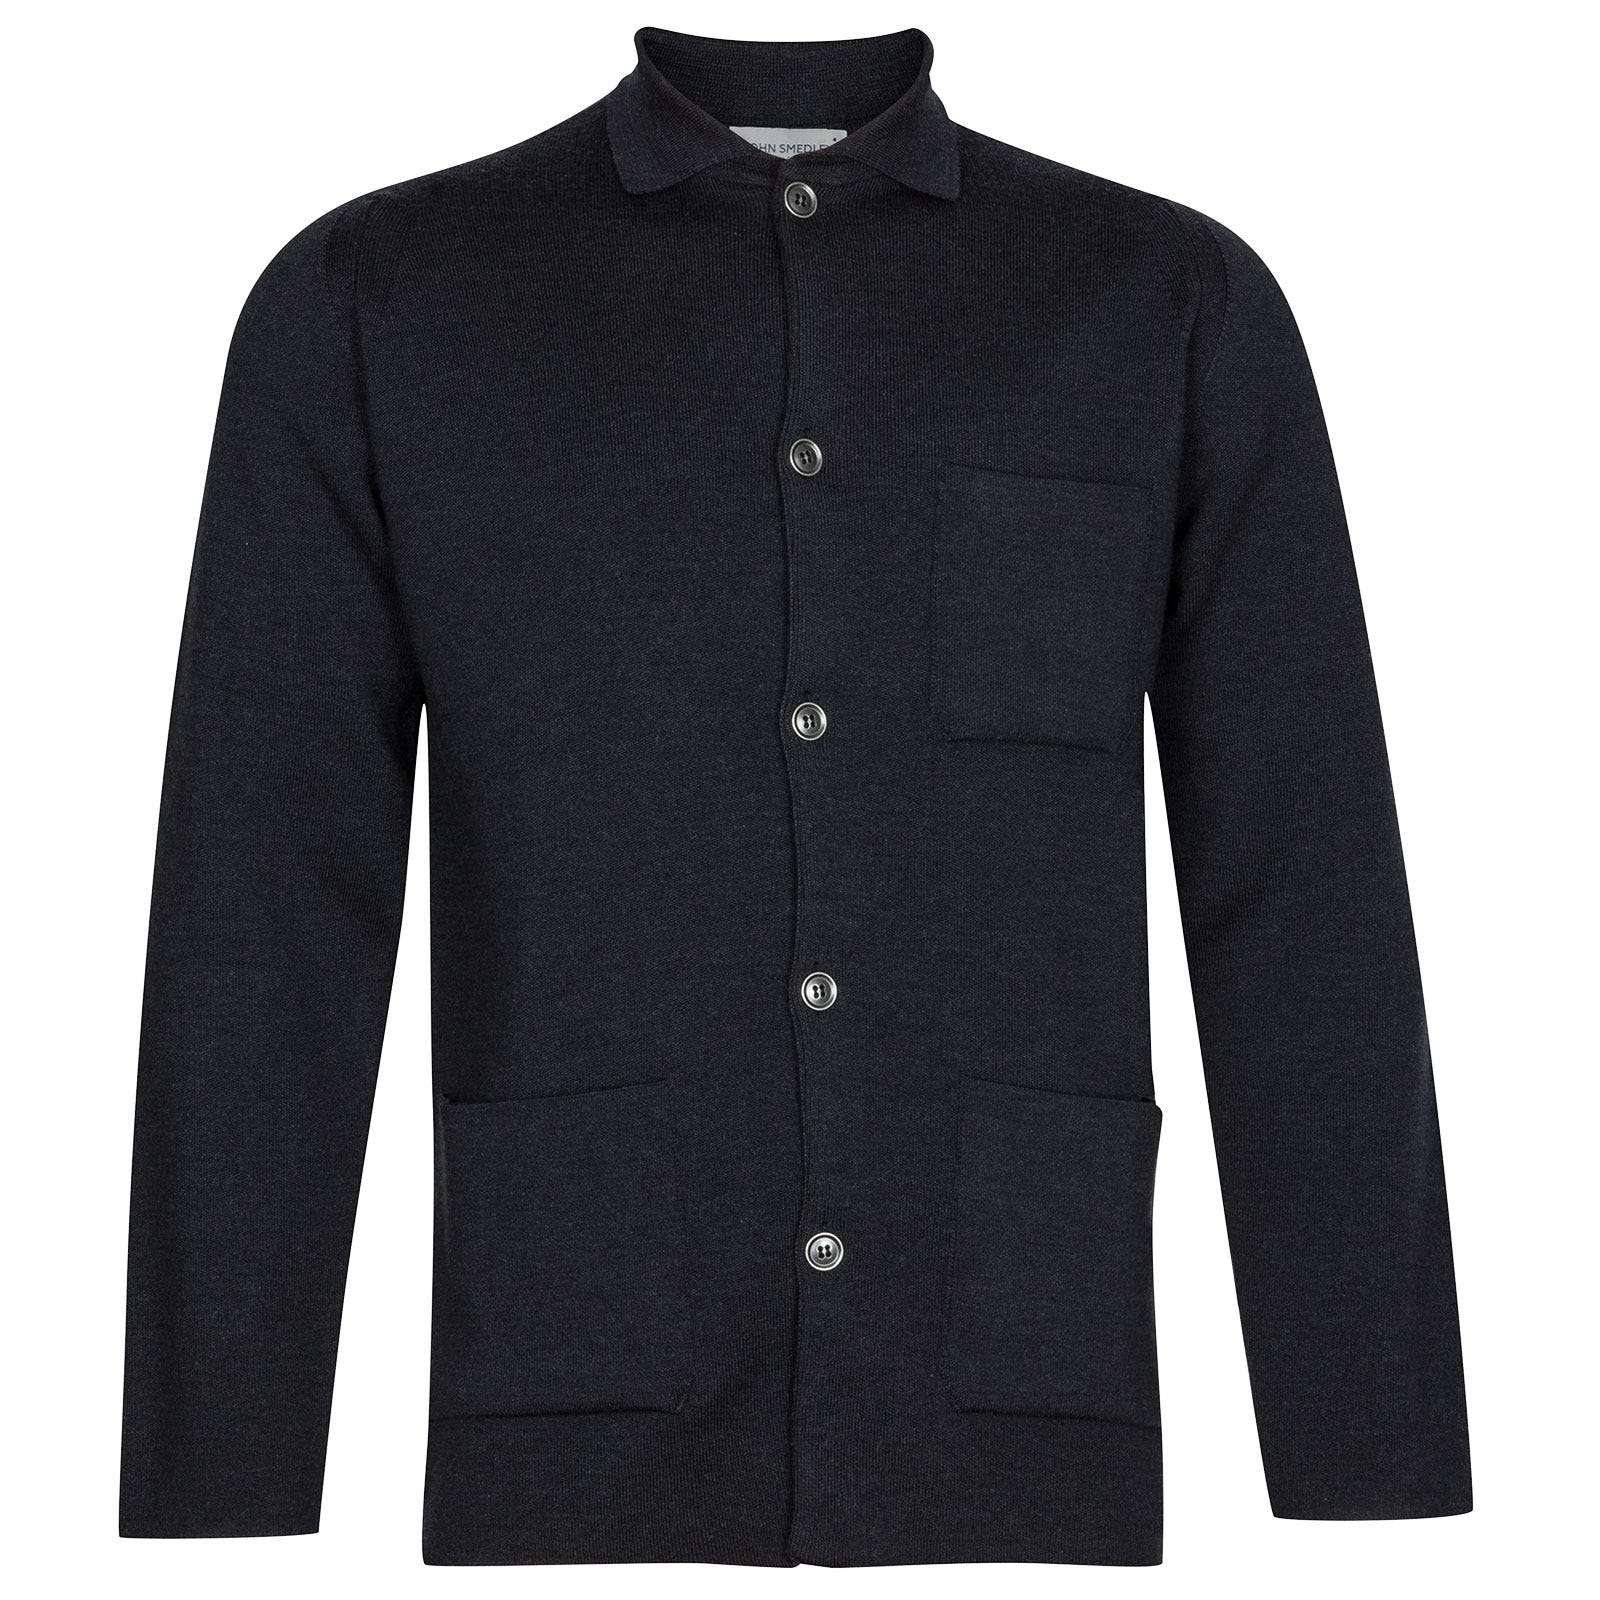 John Smedley Copper Merino Wool Jacket in Hepburn Smoke-L